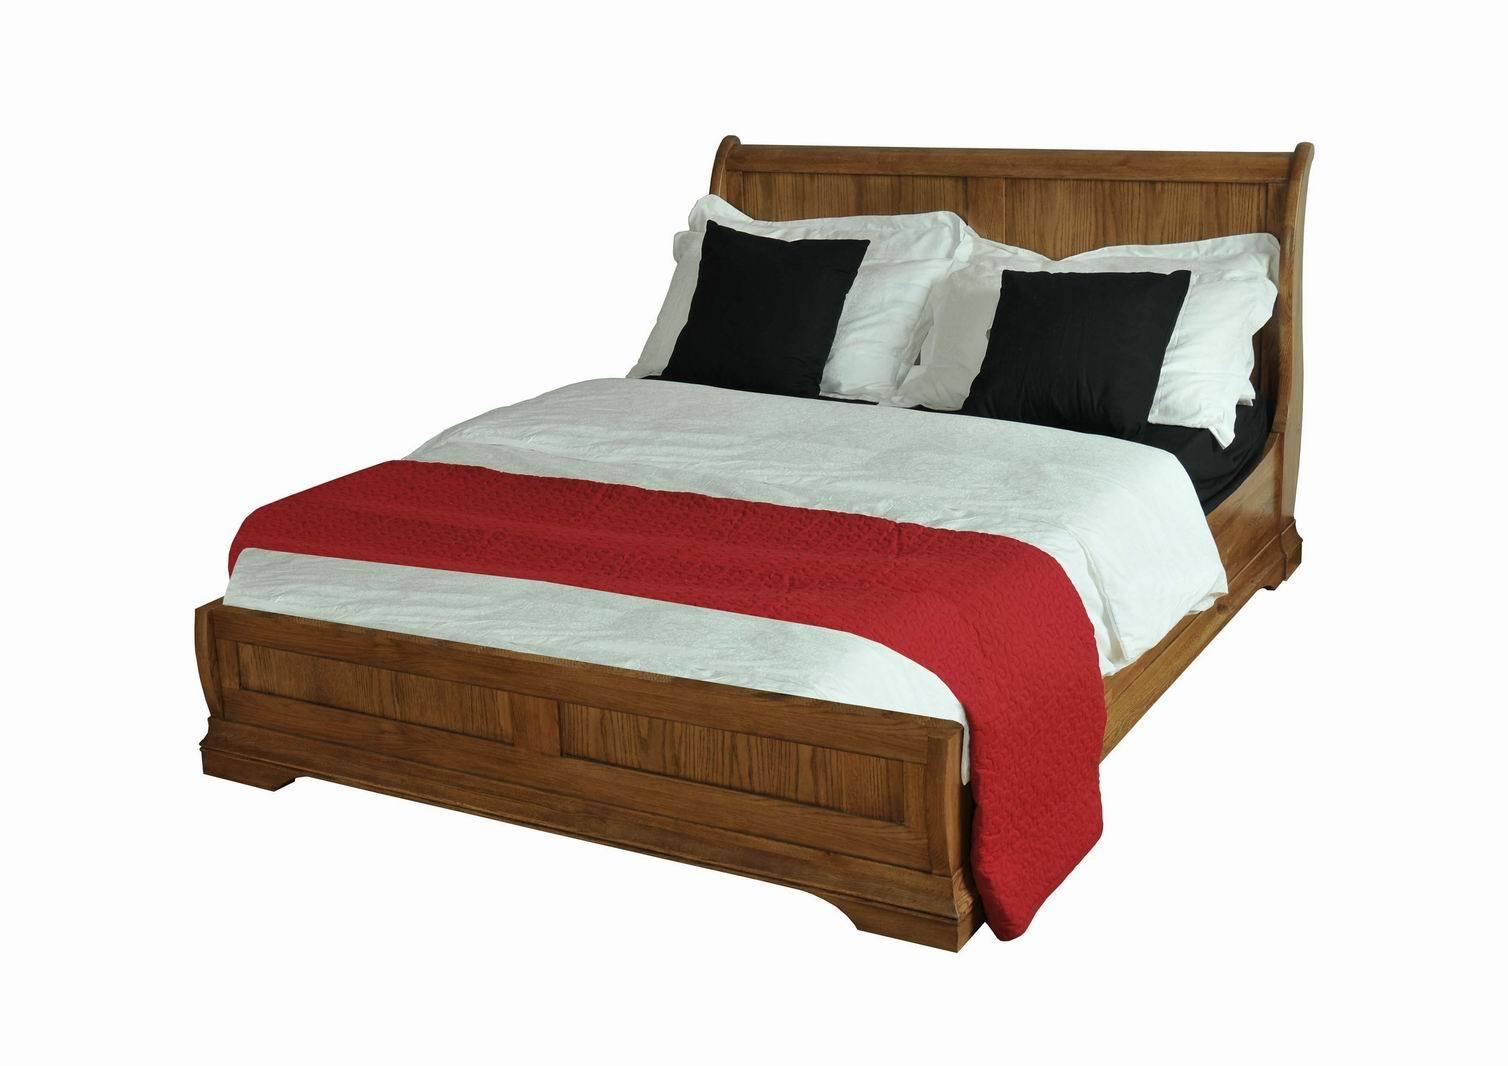 Base de madera del estilo de la cama matrimonial de la for Bases de madera para cama matrimonial